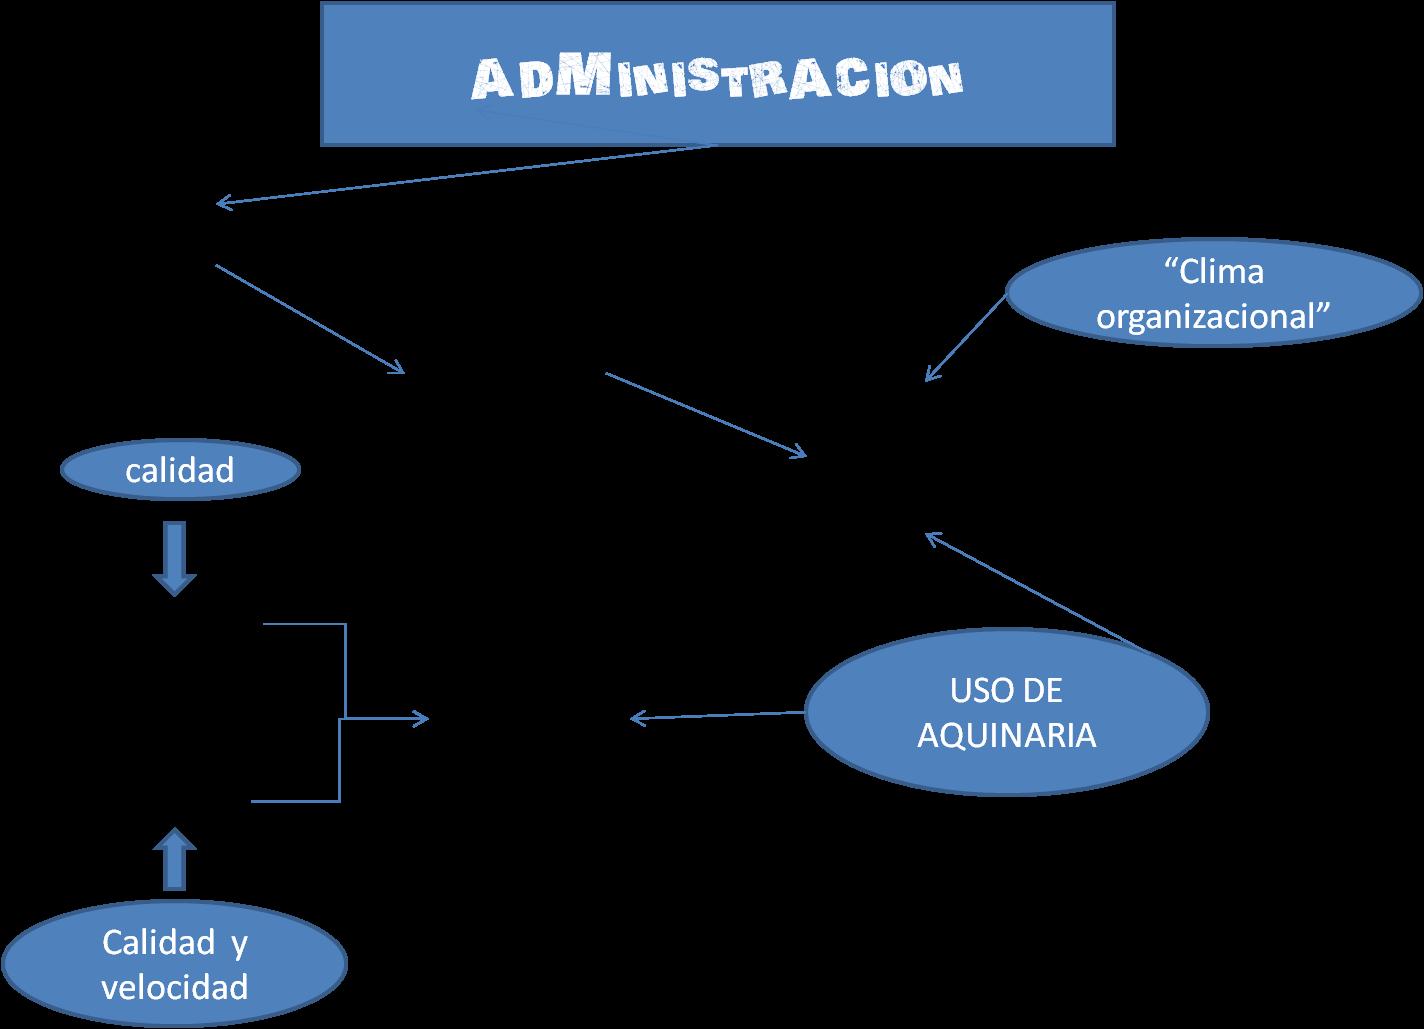 Conceptos de la administraci n for Nociones basicas de oficina concepto